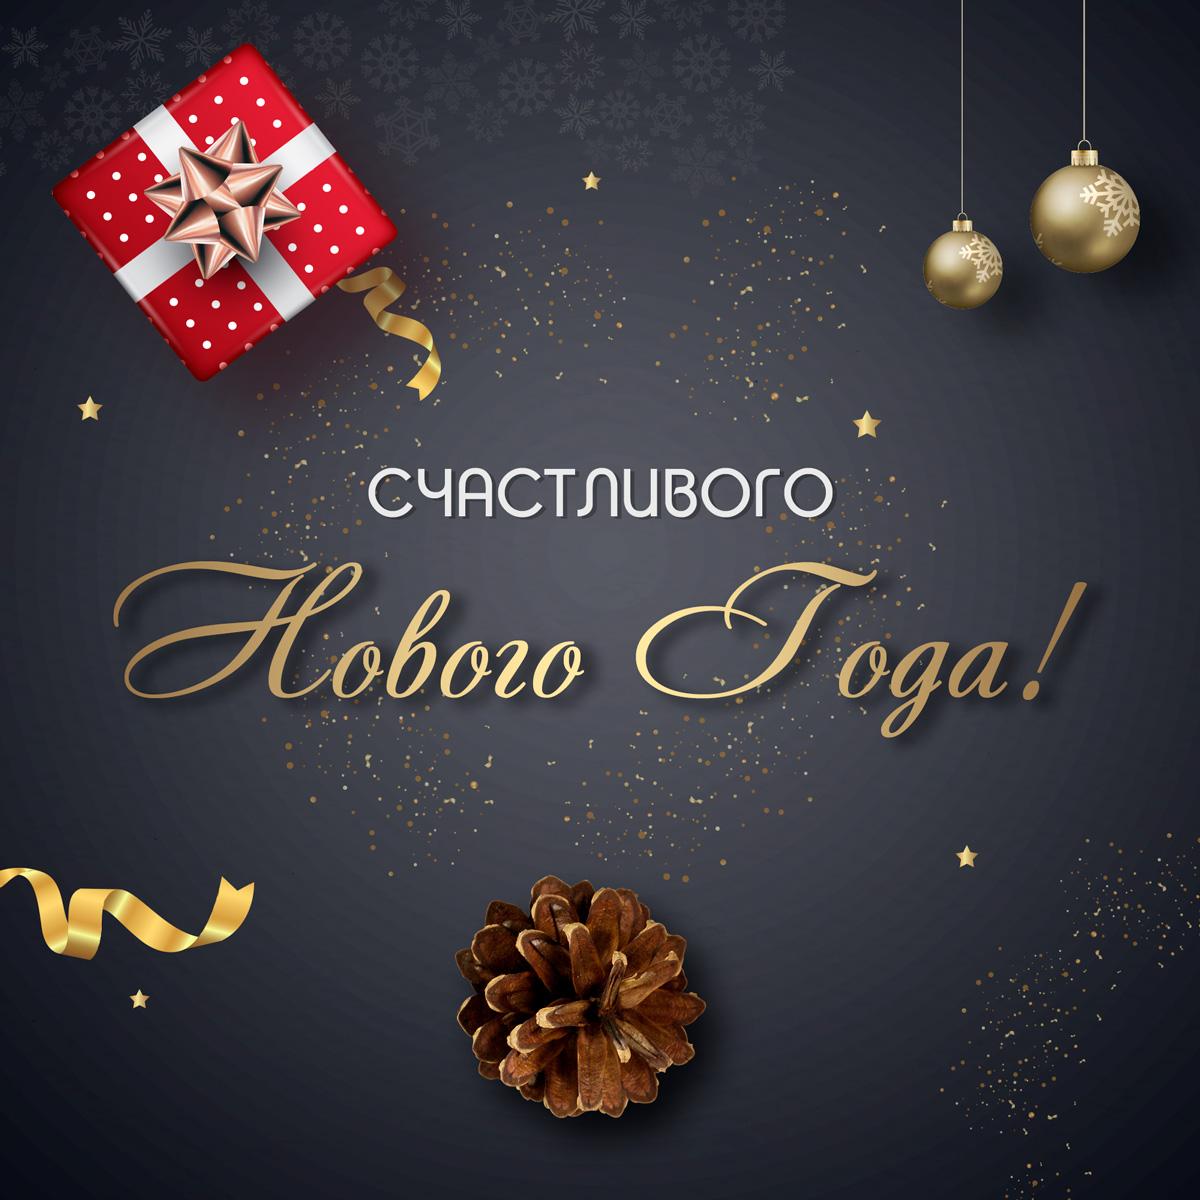 Картинка к новому году - открытка с рождественским орнаментом и текстом поздравления.